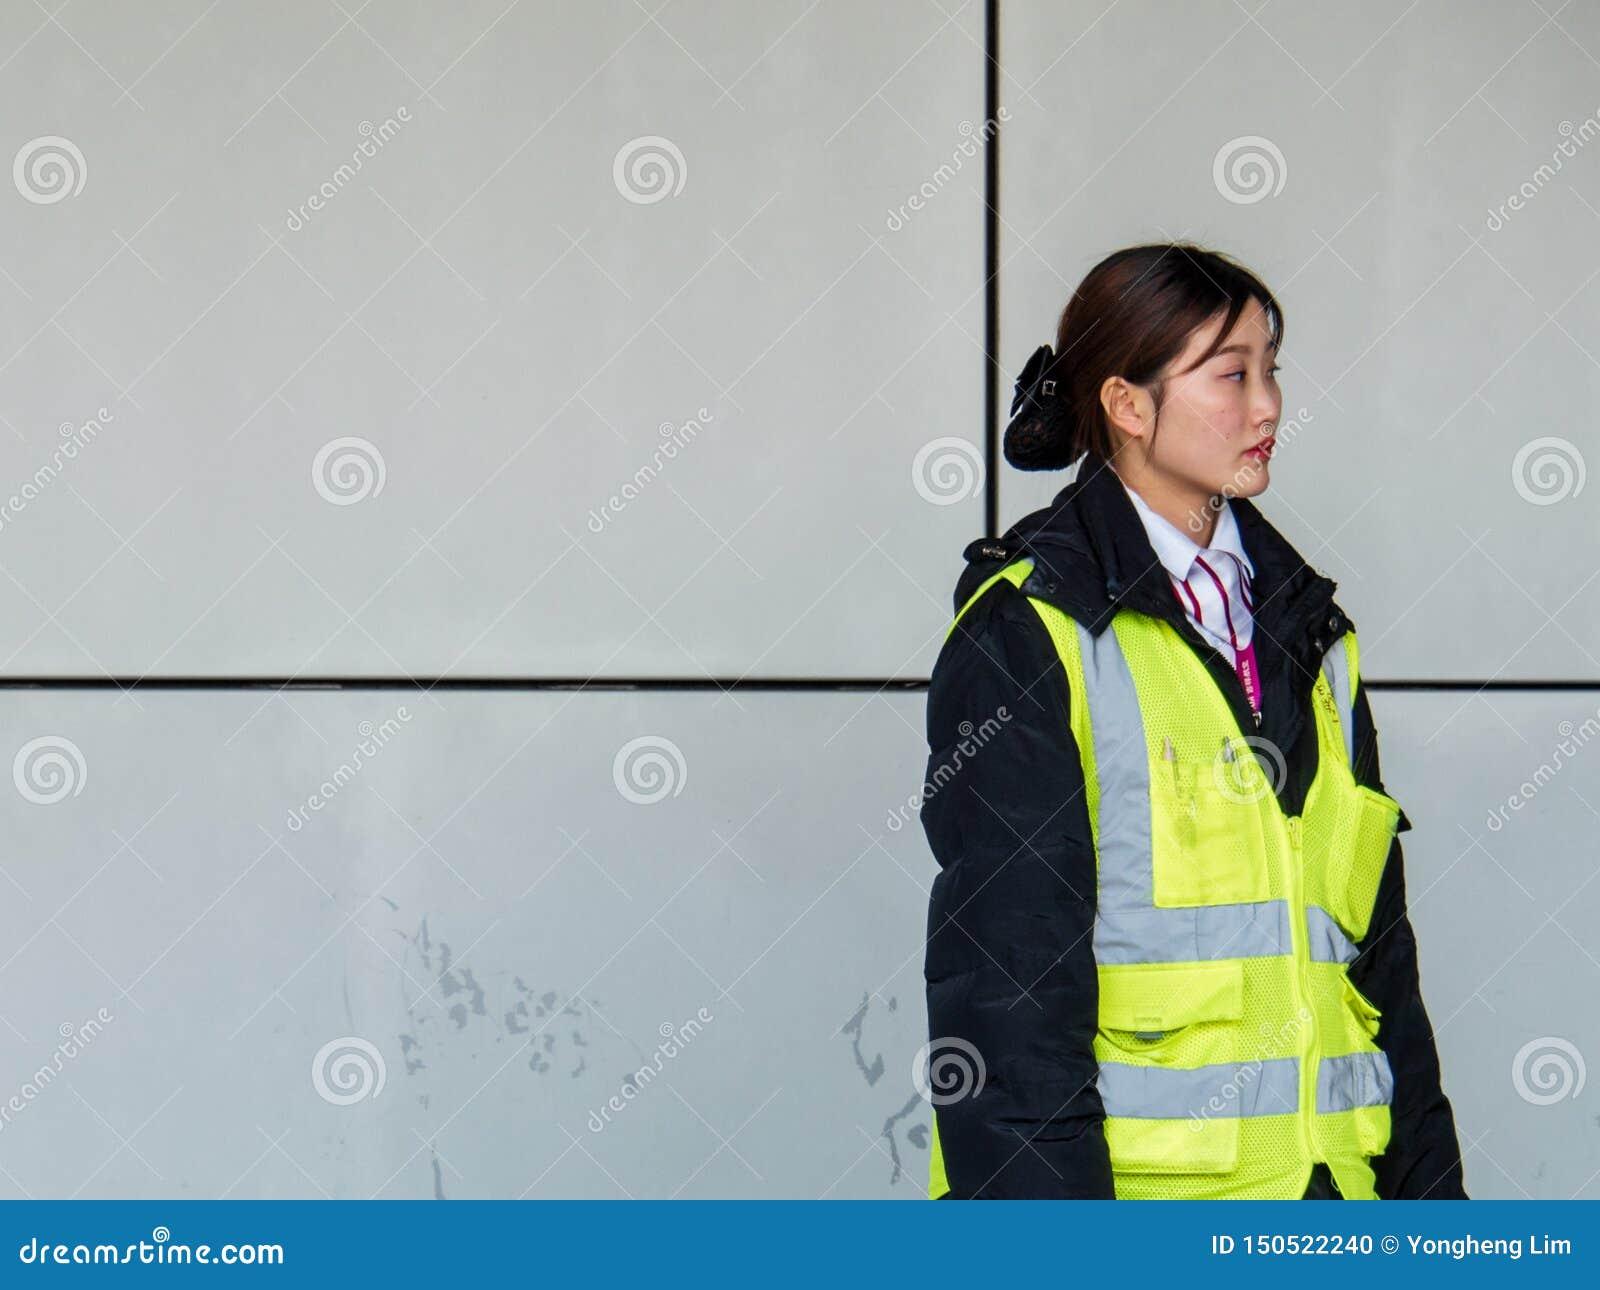 浦东,上海- 2019年3月13日-一名女性机场雇员在浦东机场,有拷贝空间的上海